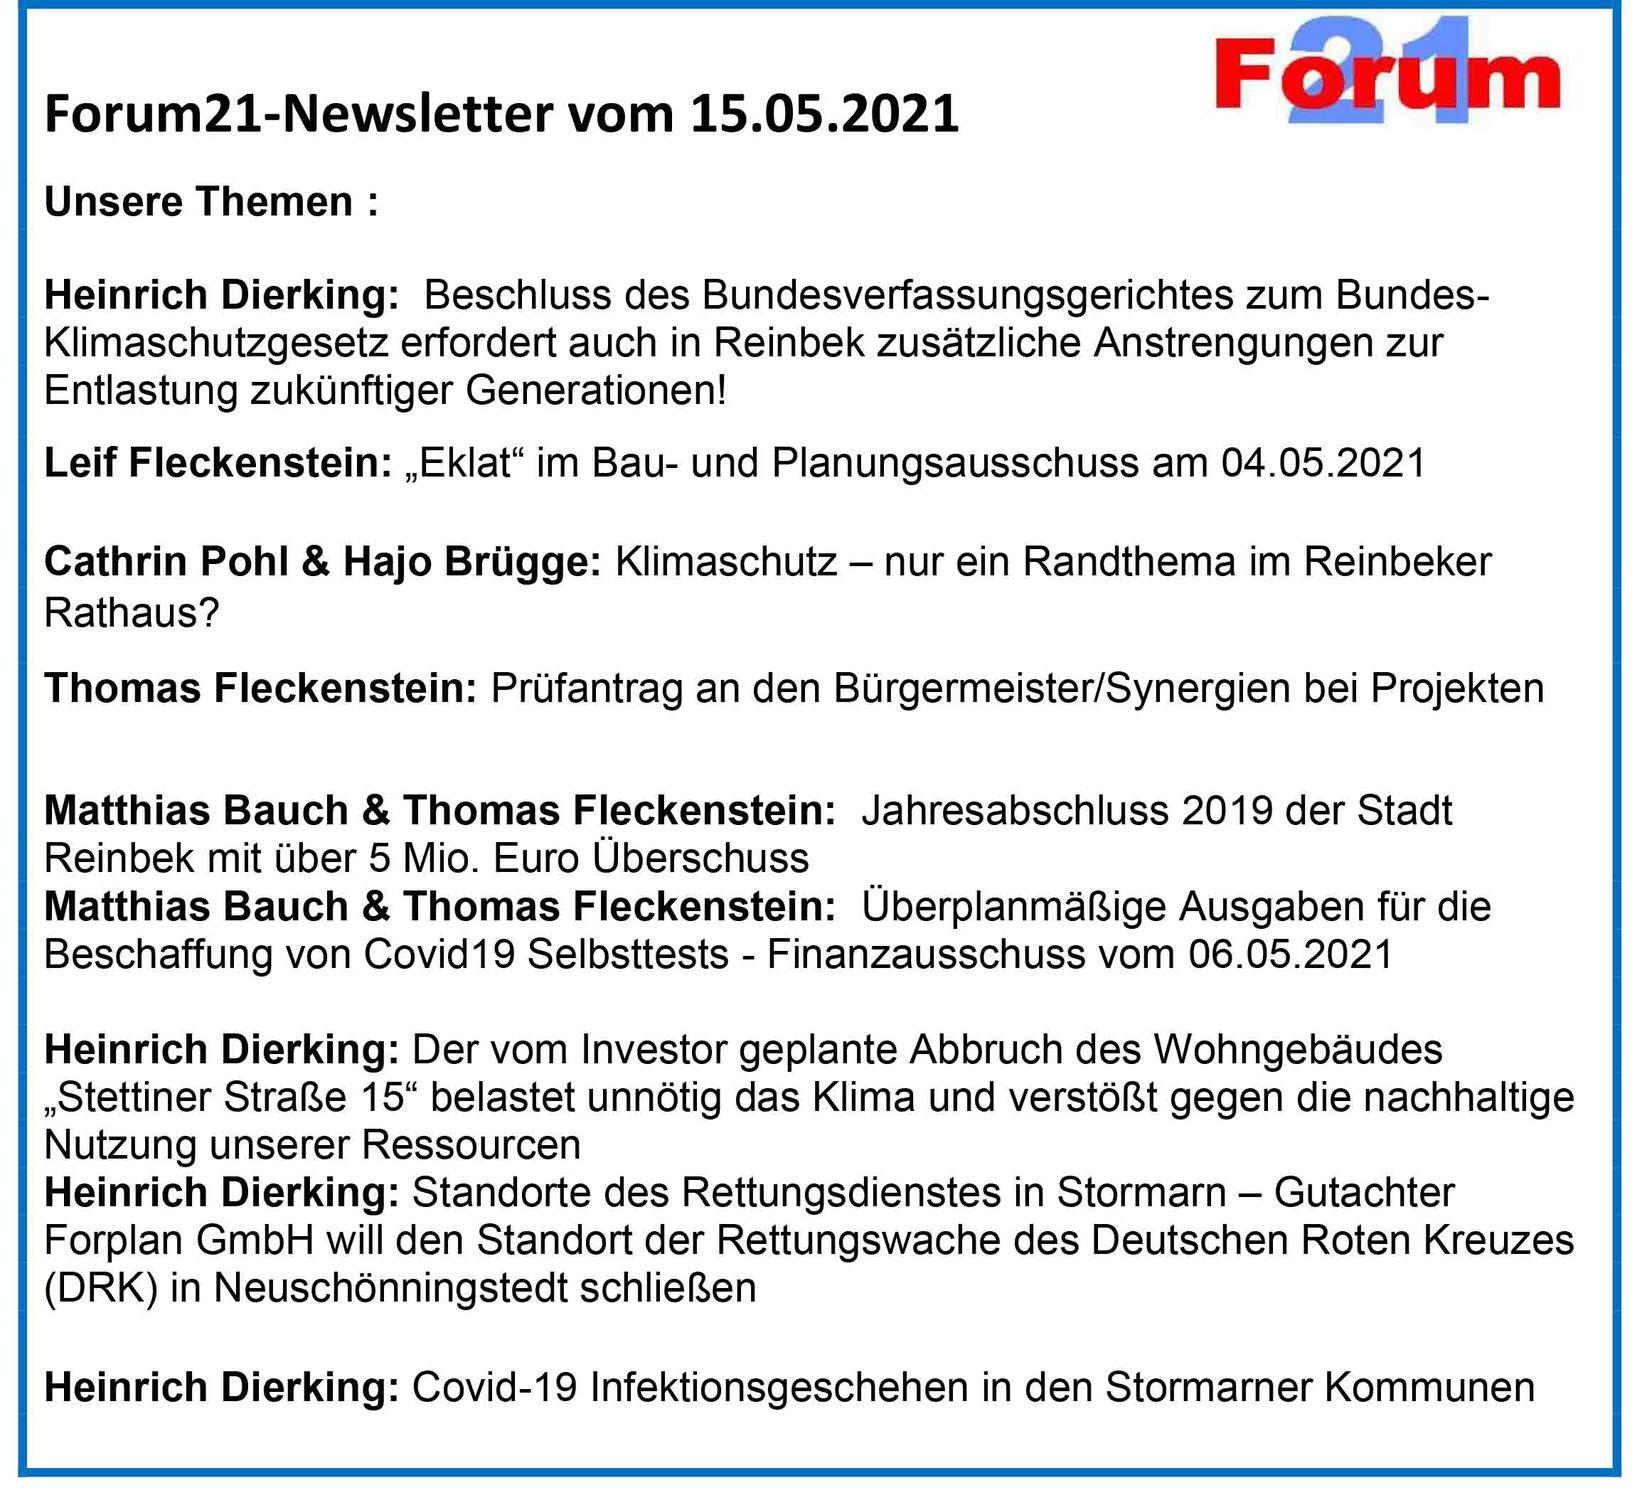 Forum21-Newsletter vom 15.05.2021